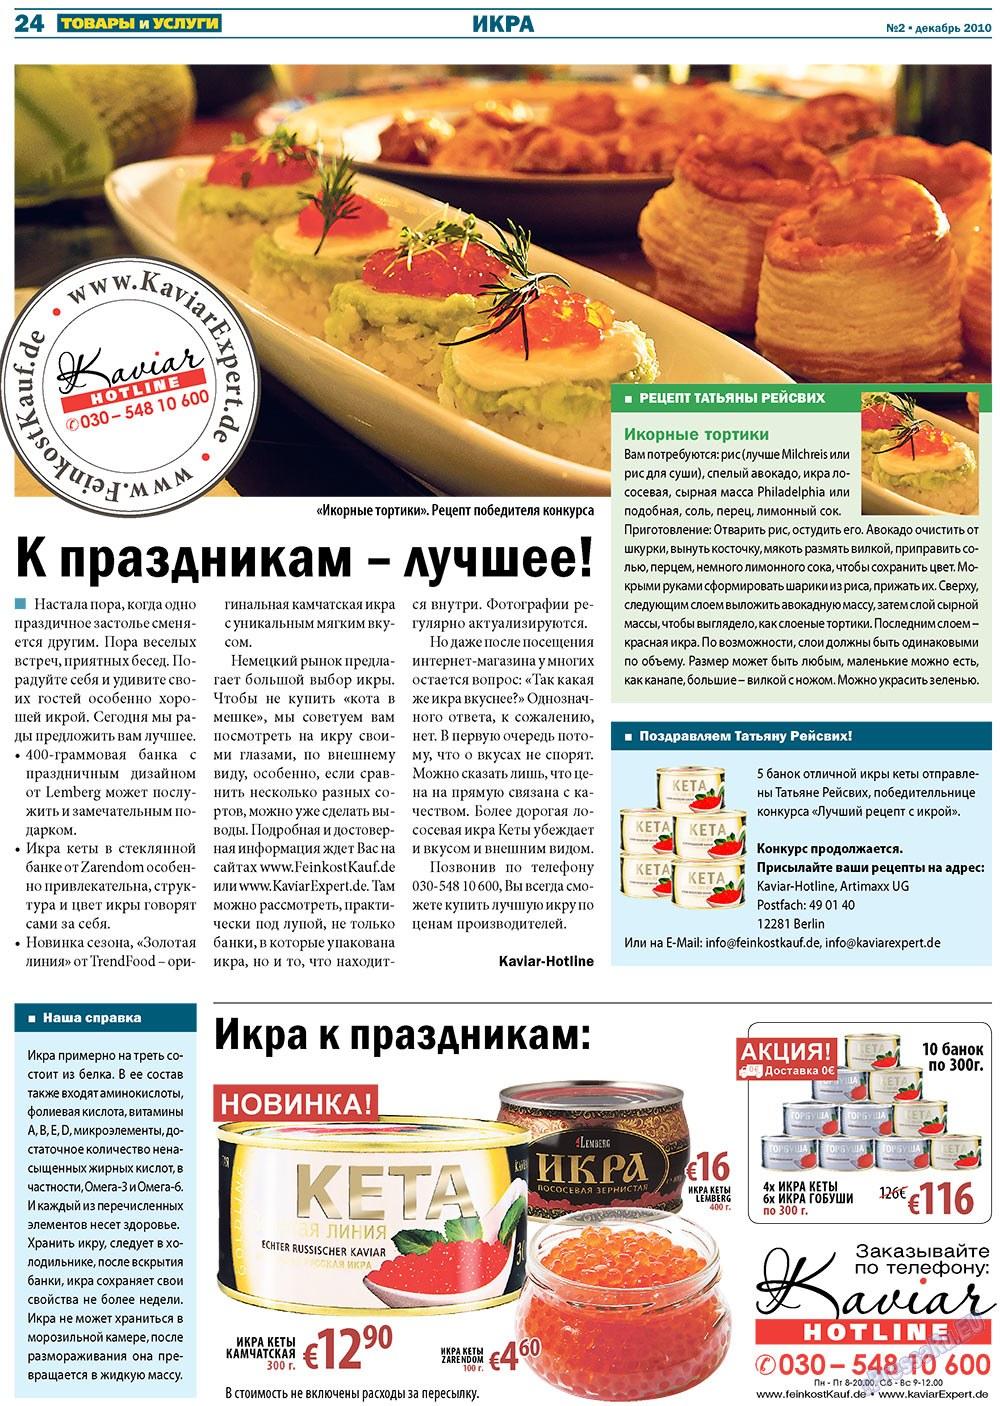 Товары и услуги (газета). 2010 год, номер 2, стр. 24